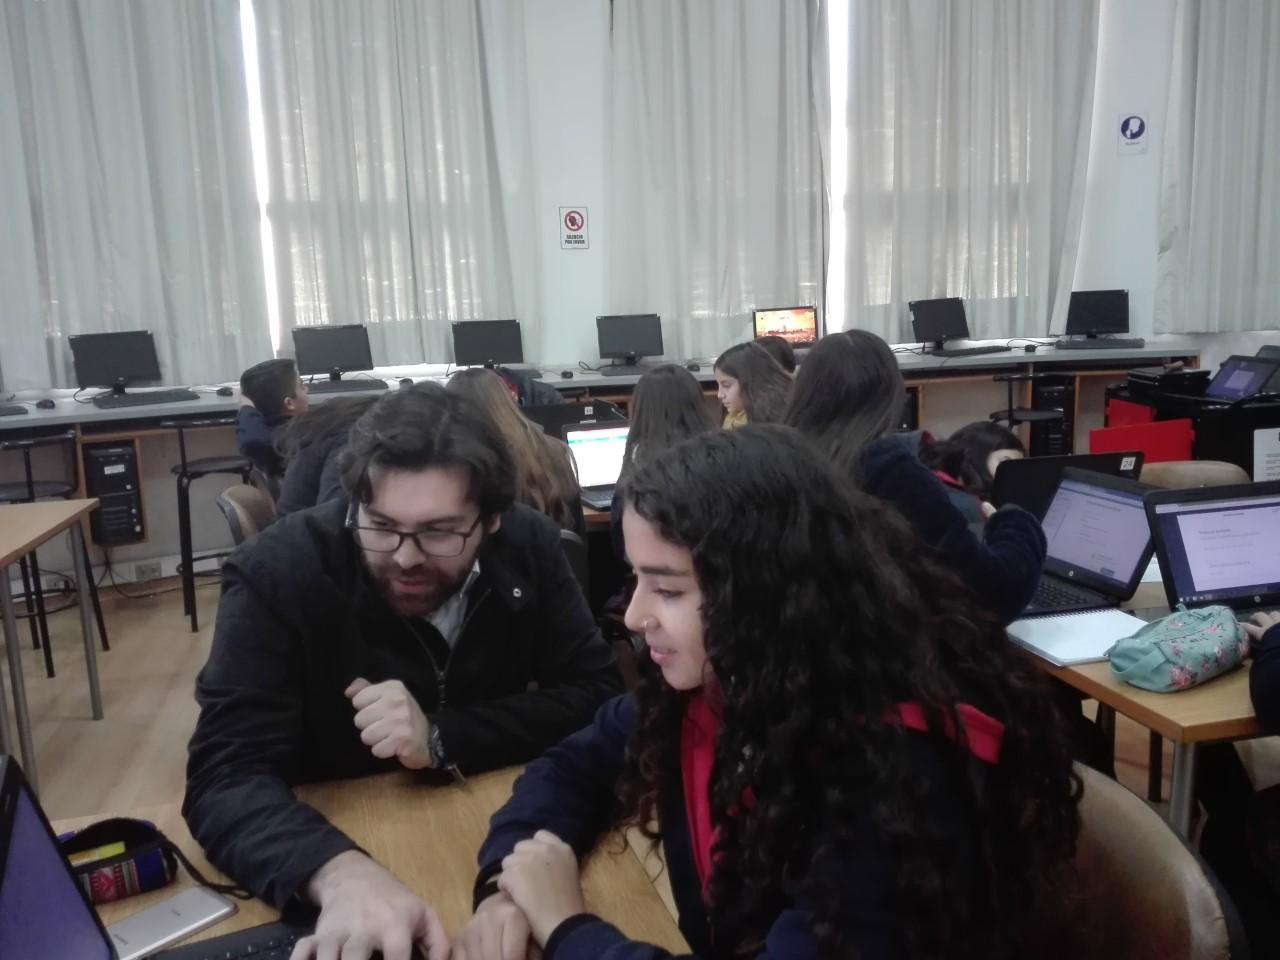 clase interactiva Matematica2